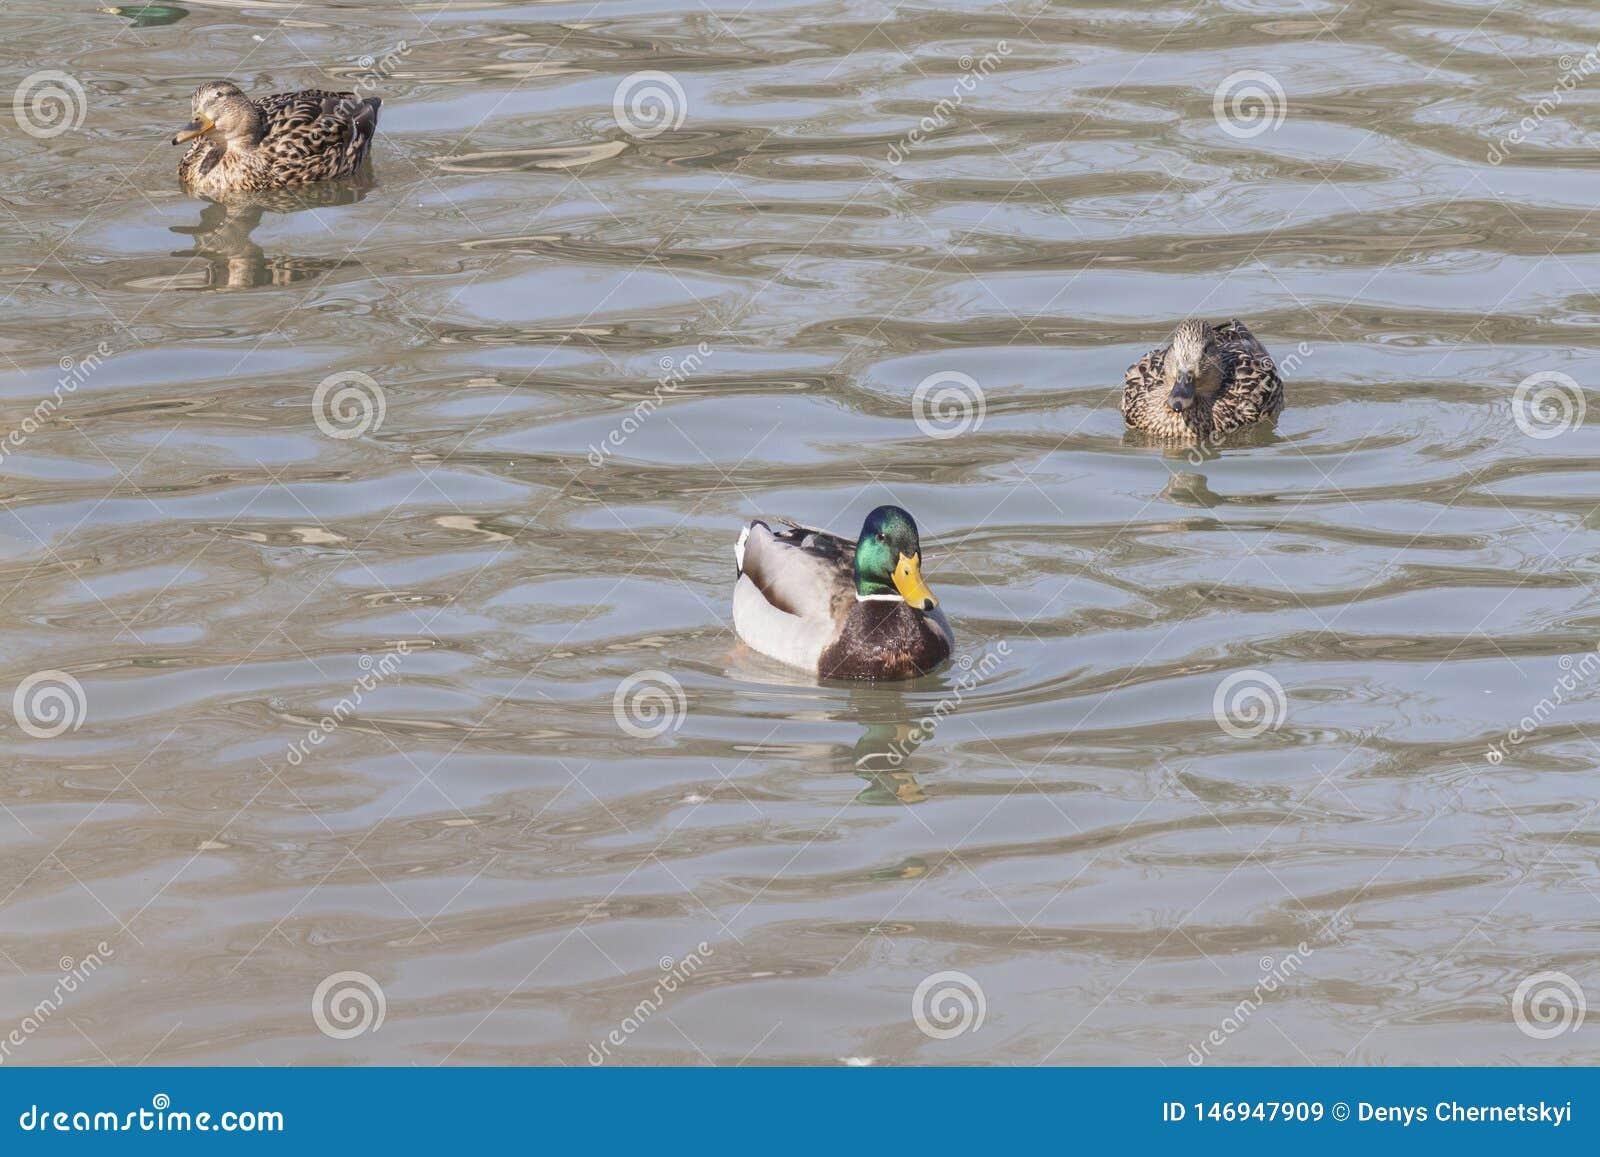 Дикие утки плавают в пруде